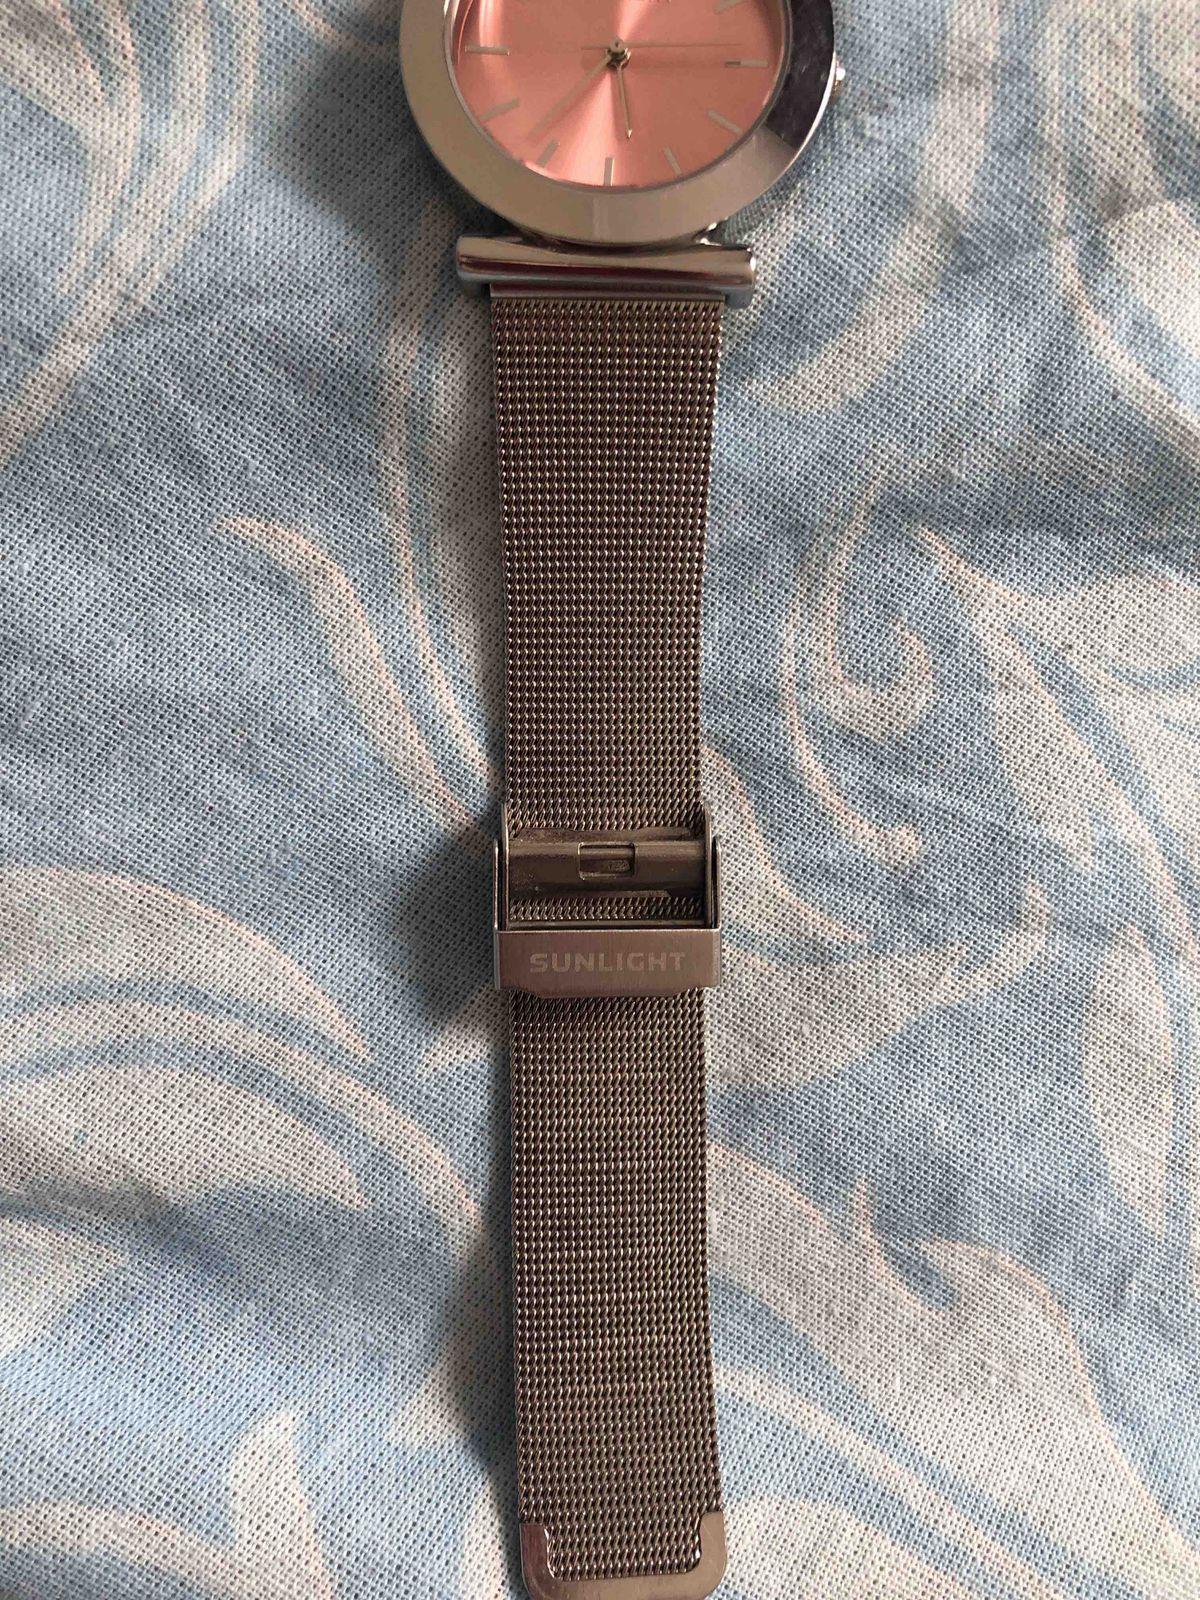 За такую цену, часы